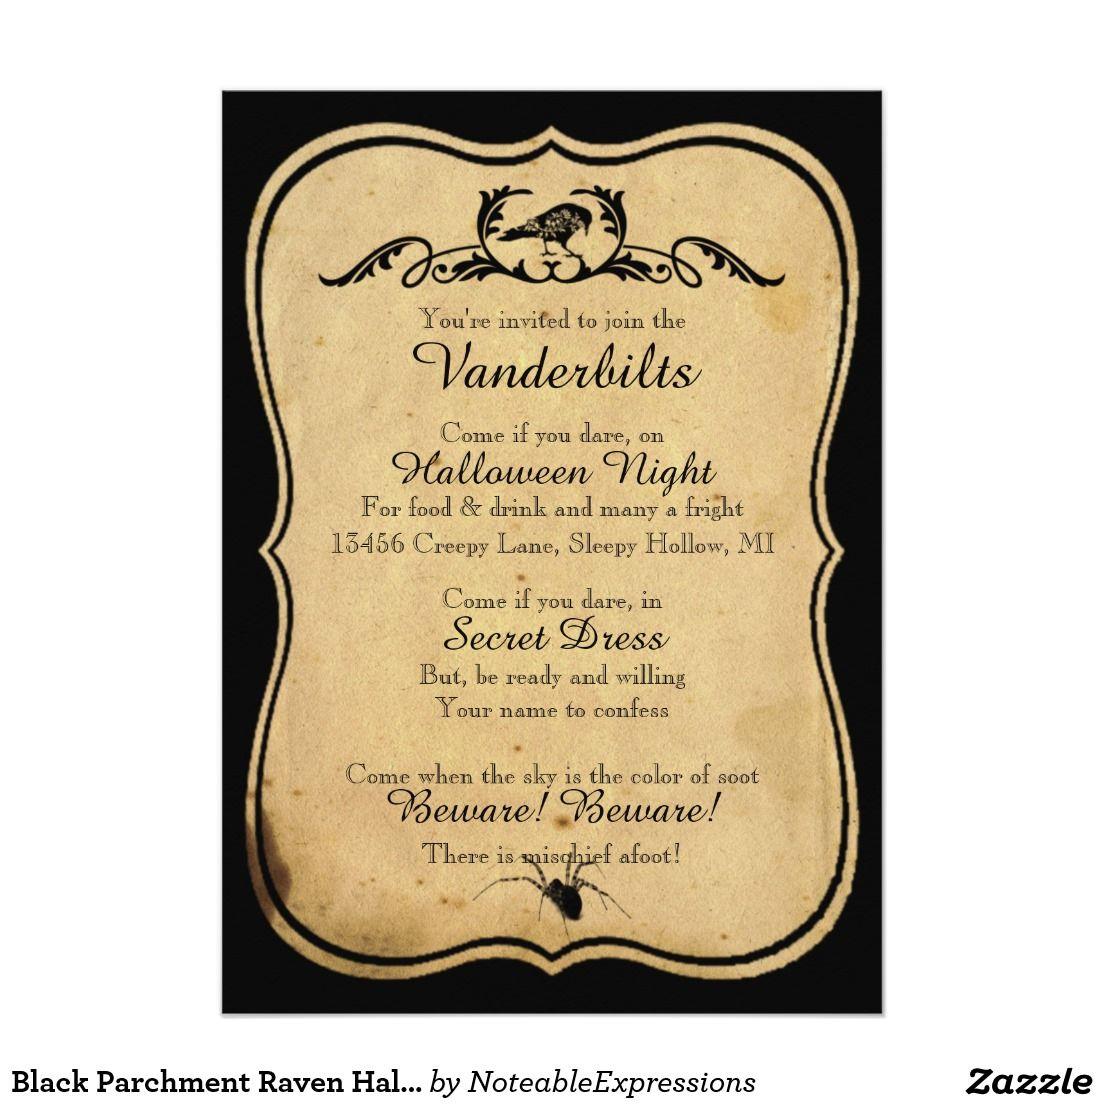 Black parchment raven halloween party invitation halloween parties black parchment raven halloween party invitation stopboris Images